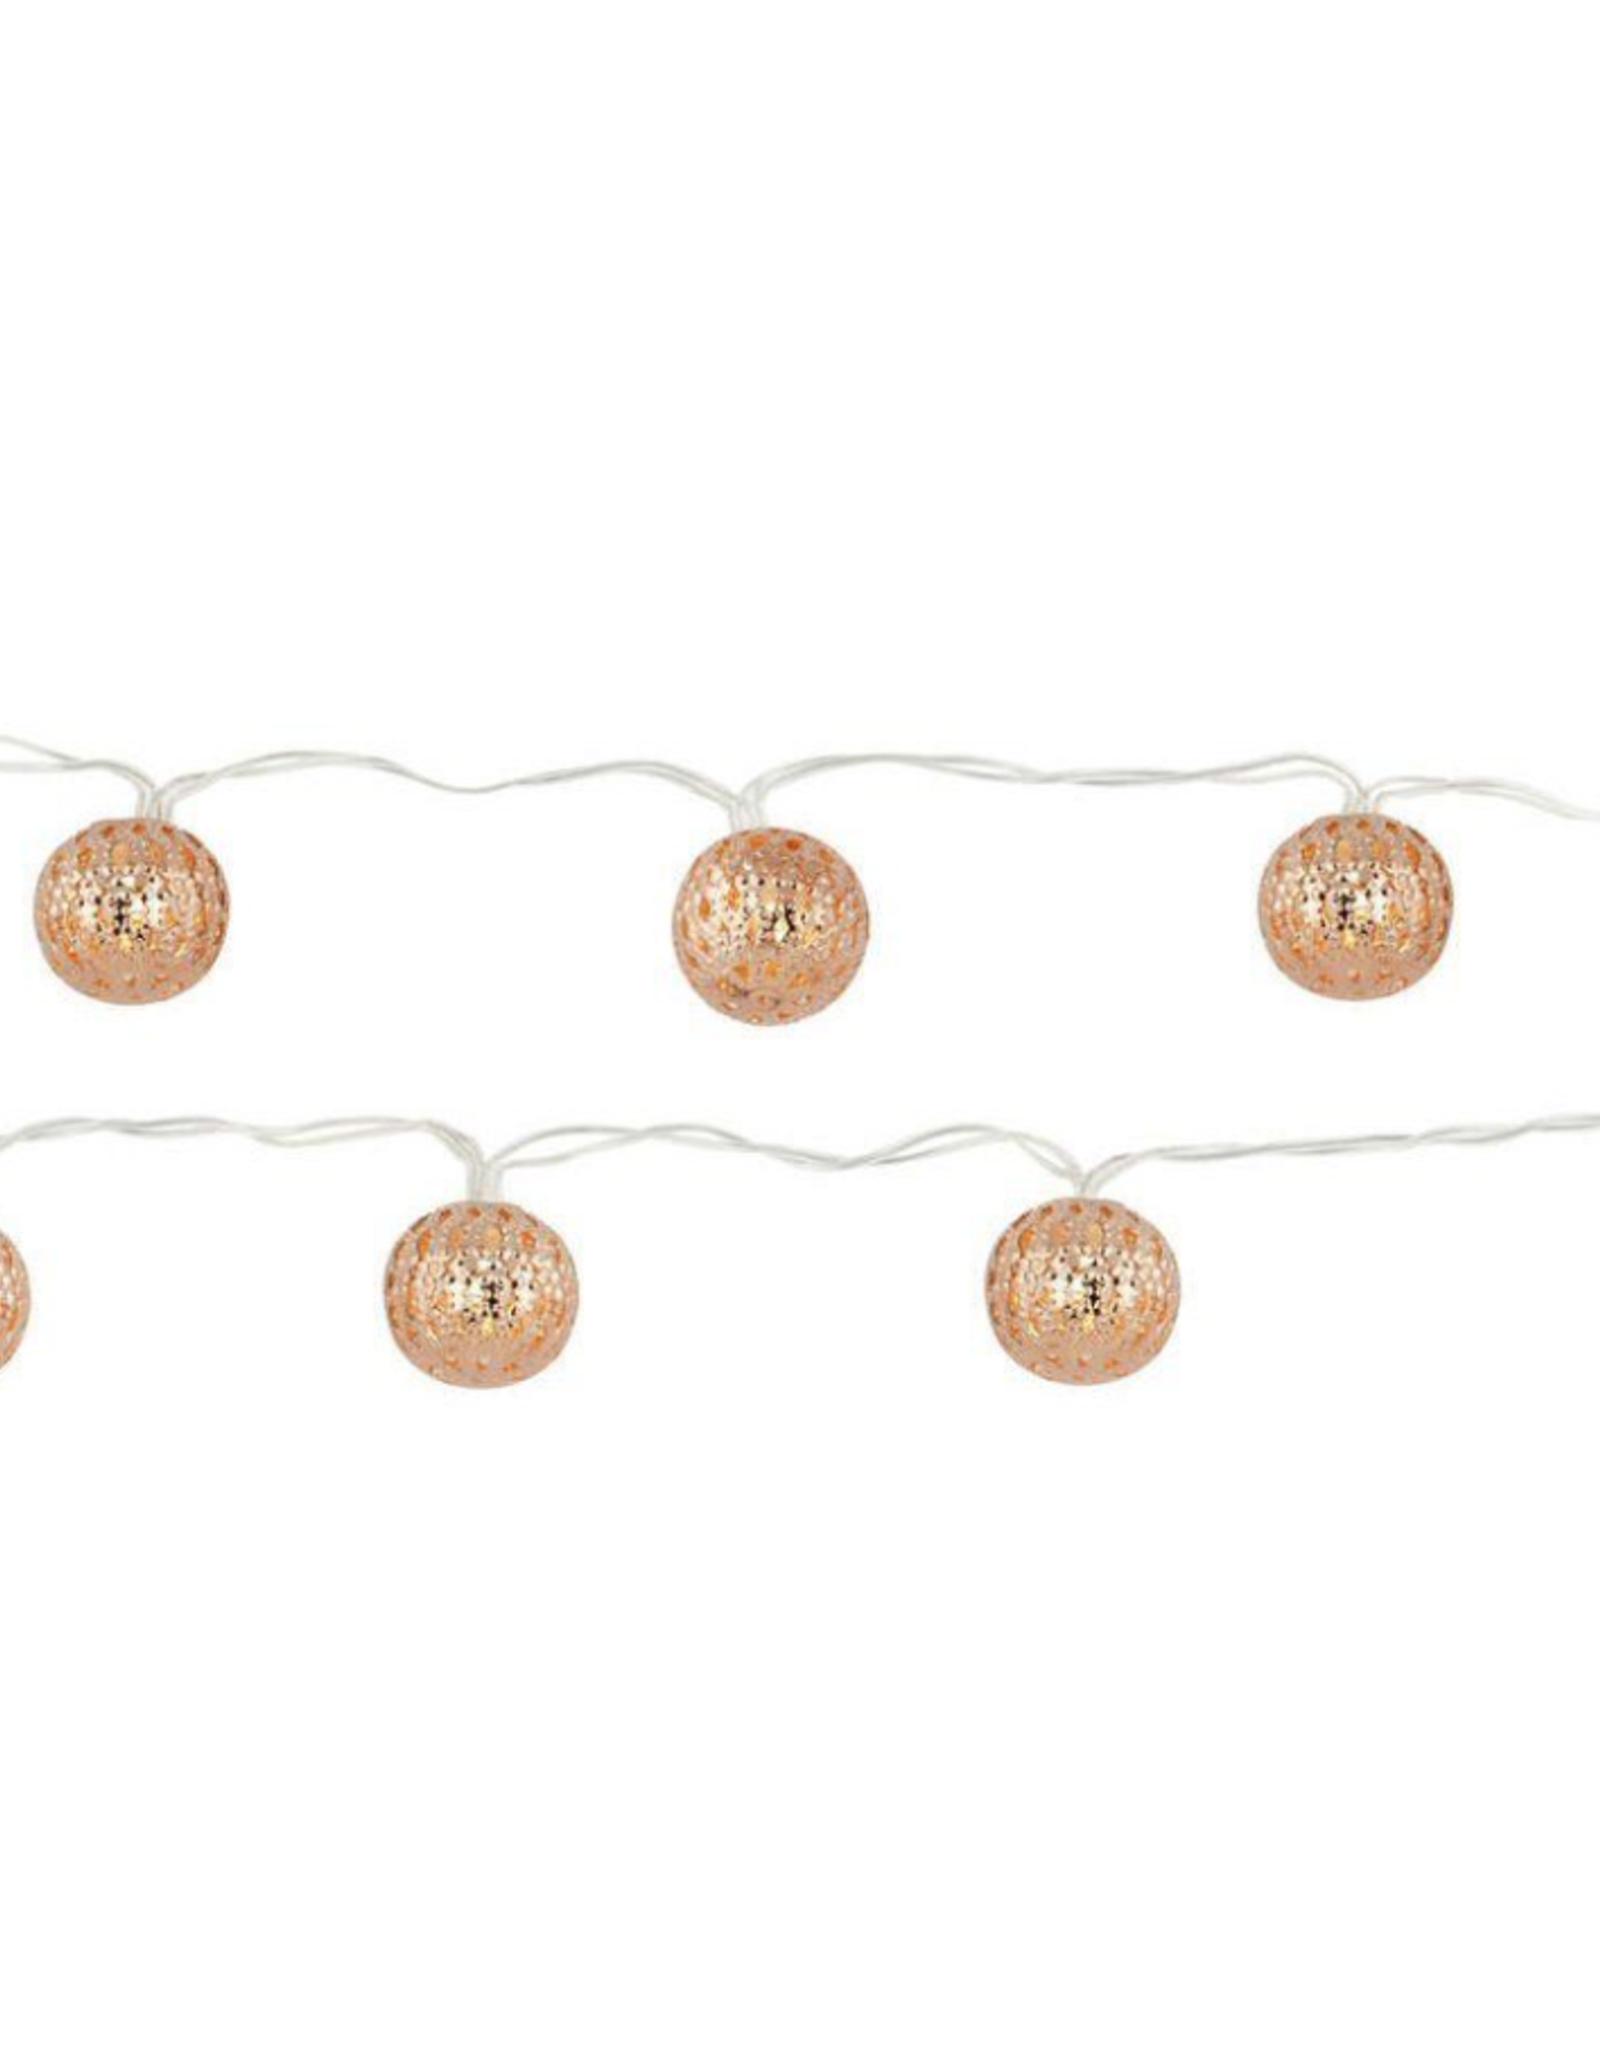 Kikkerland Copper Moroccan String Lights